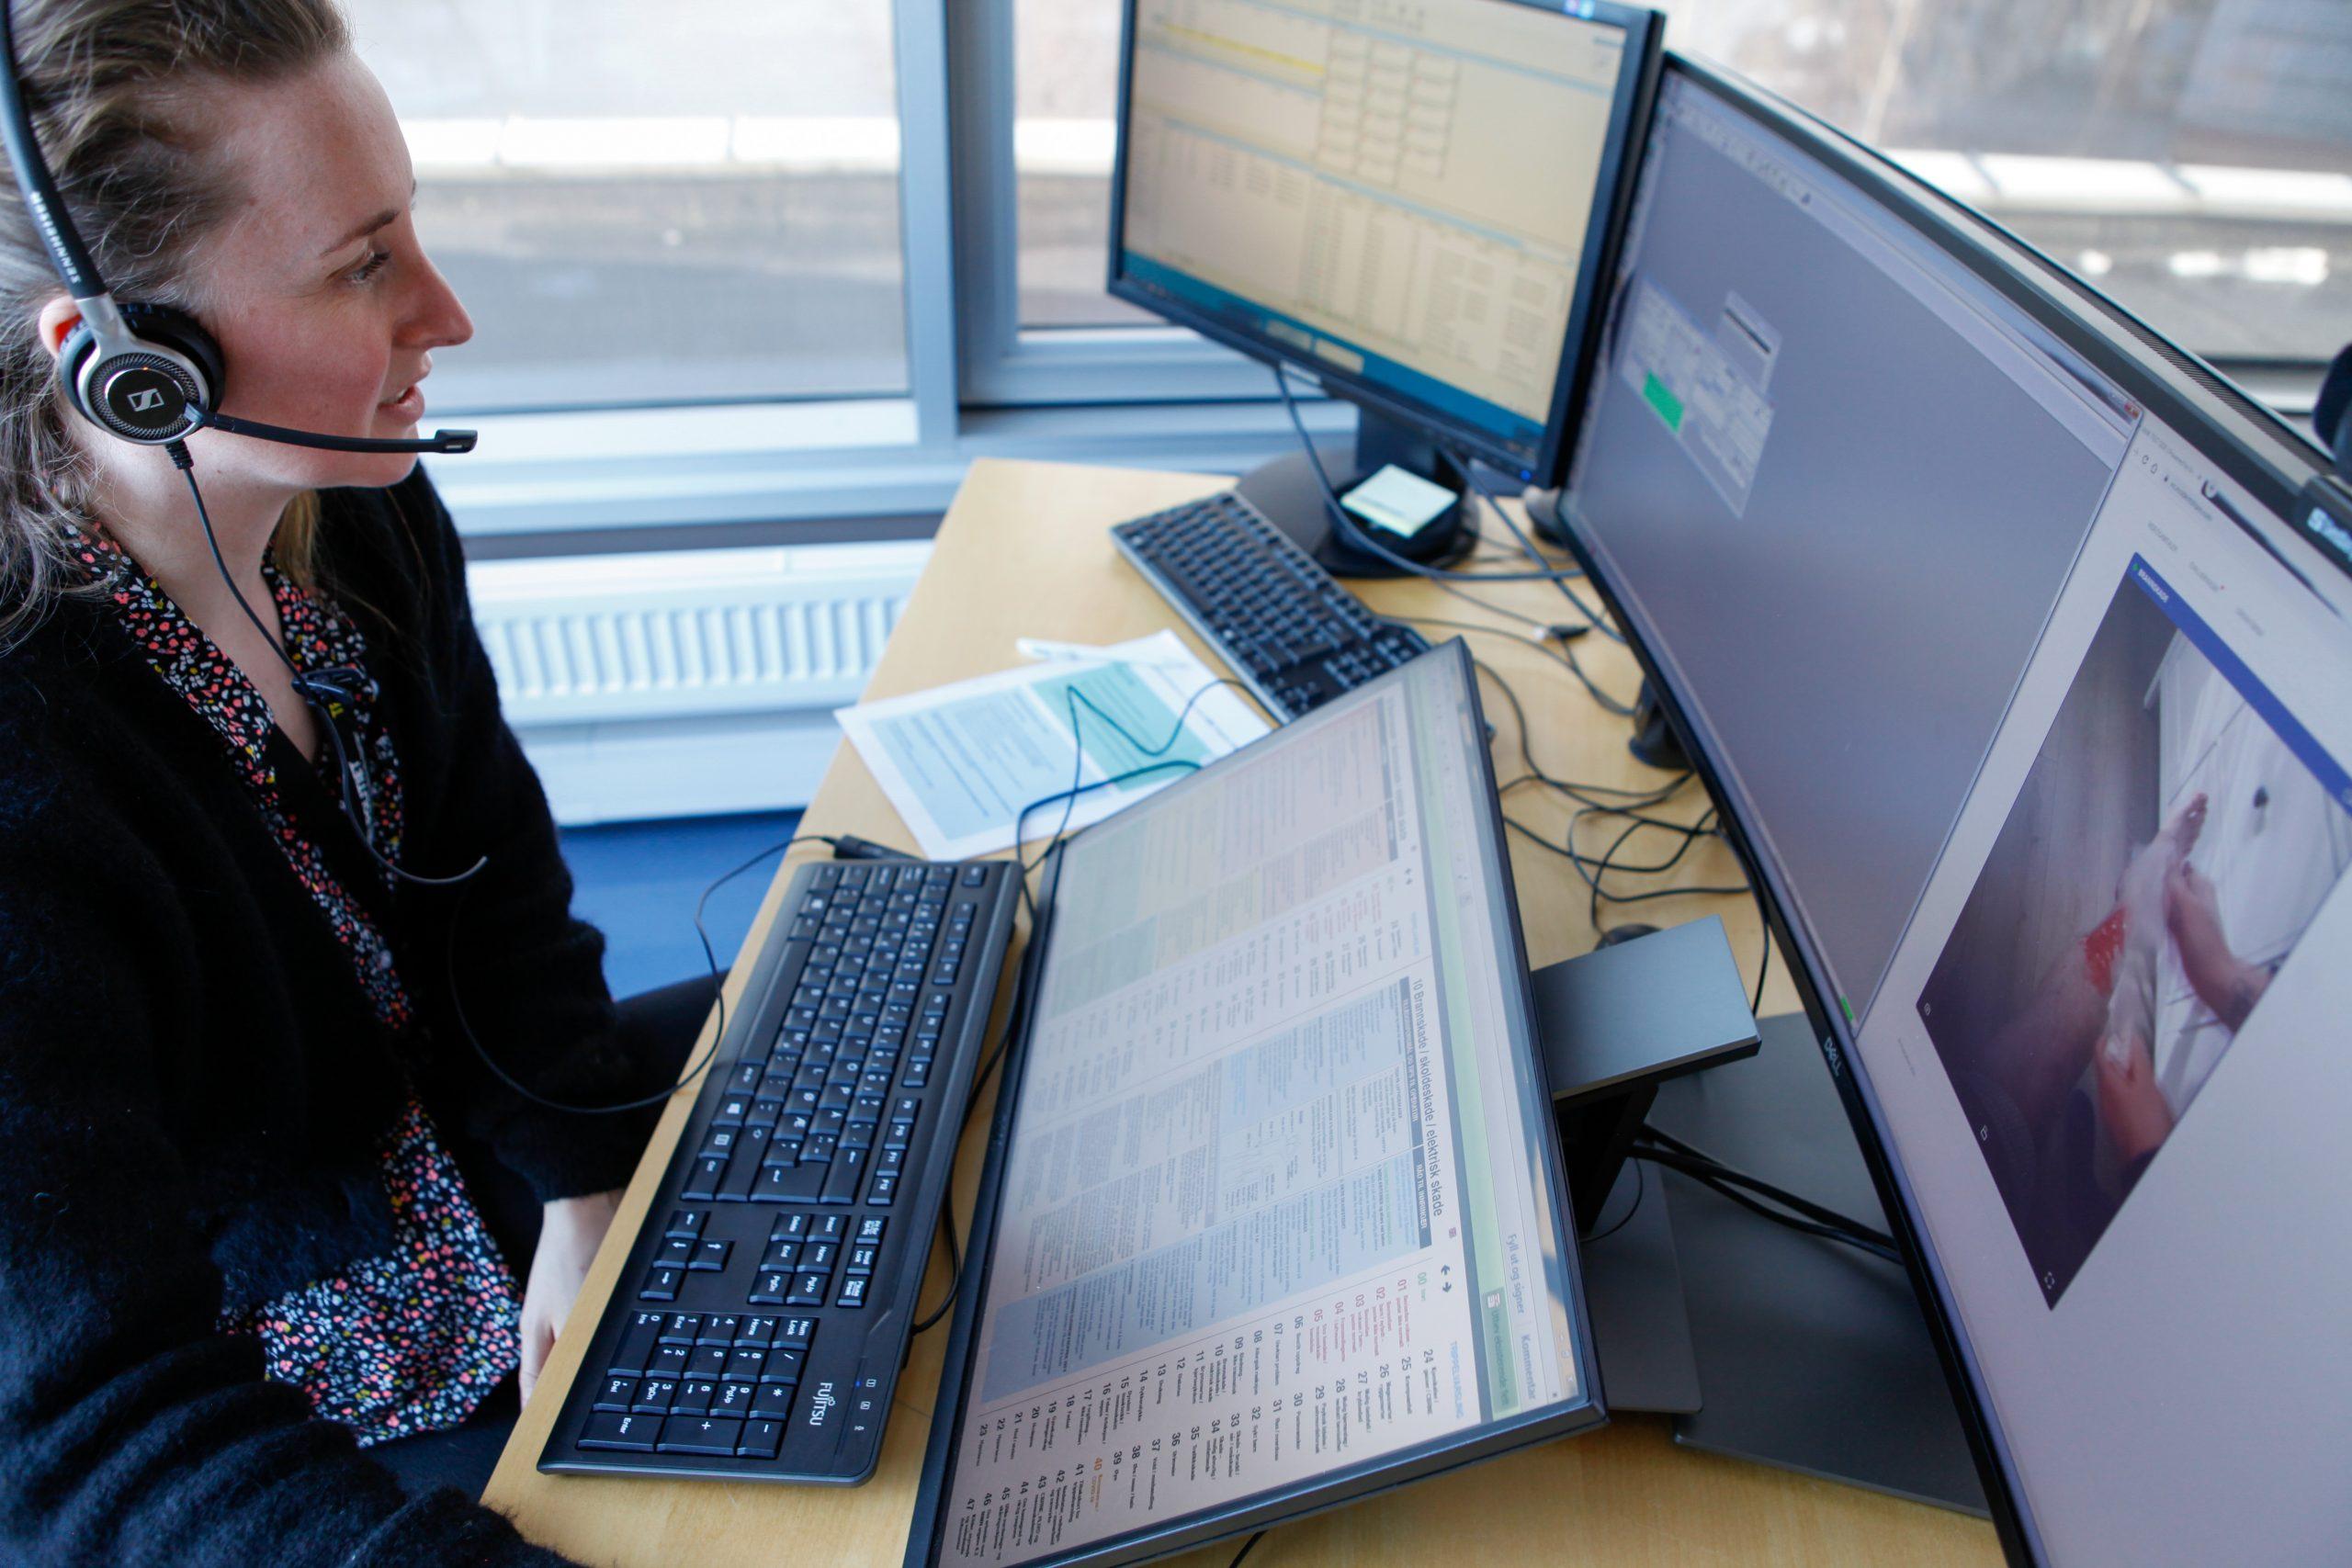 kvindelig sundhedsvisitator ser på computerskærme